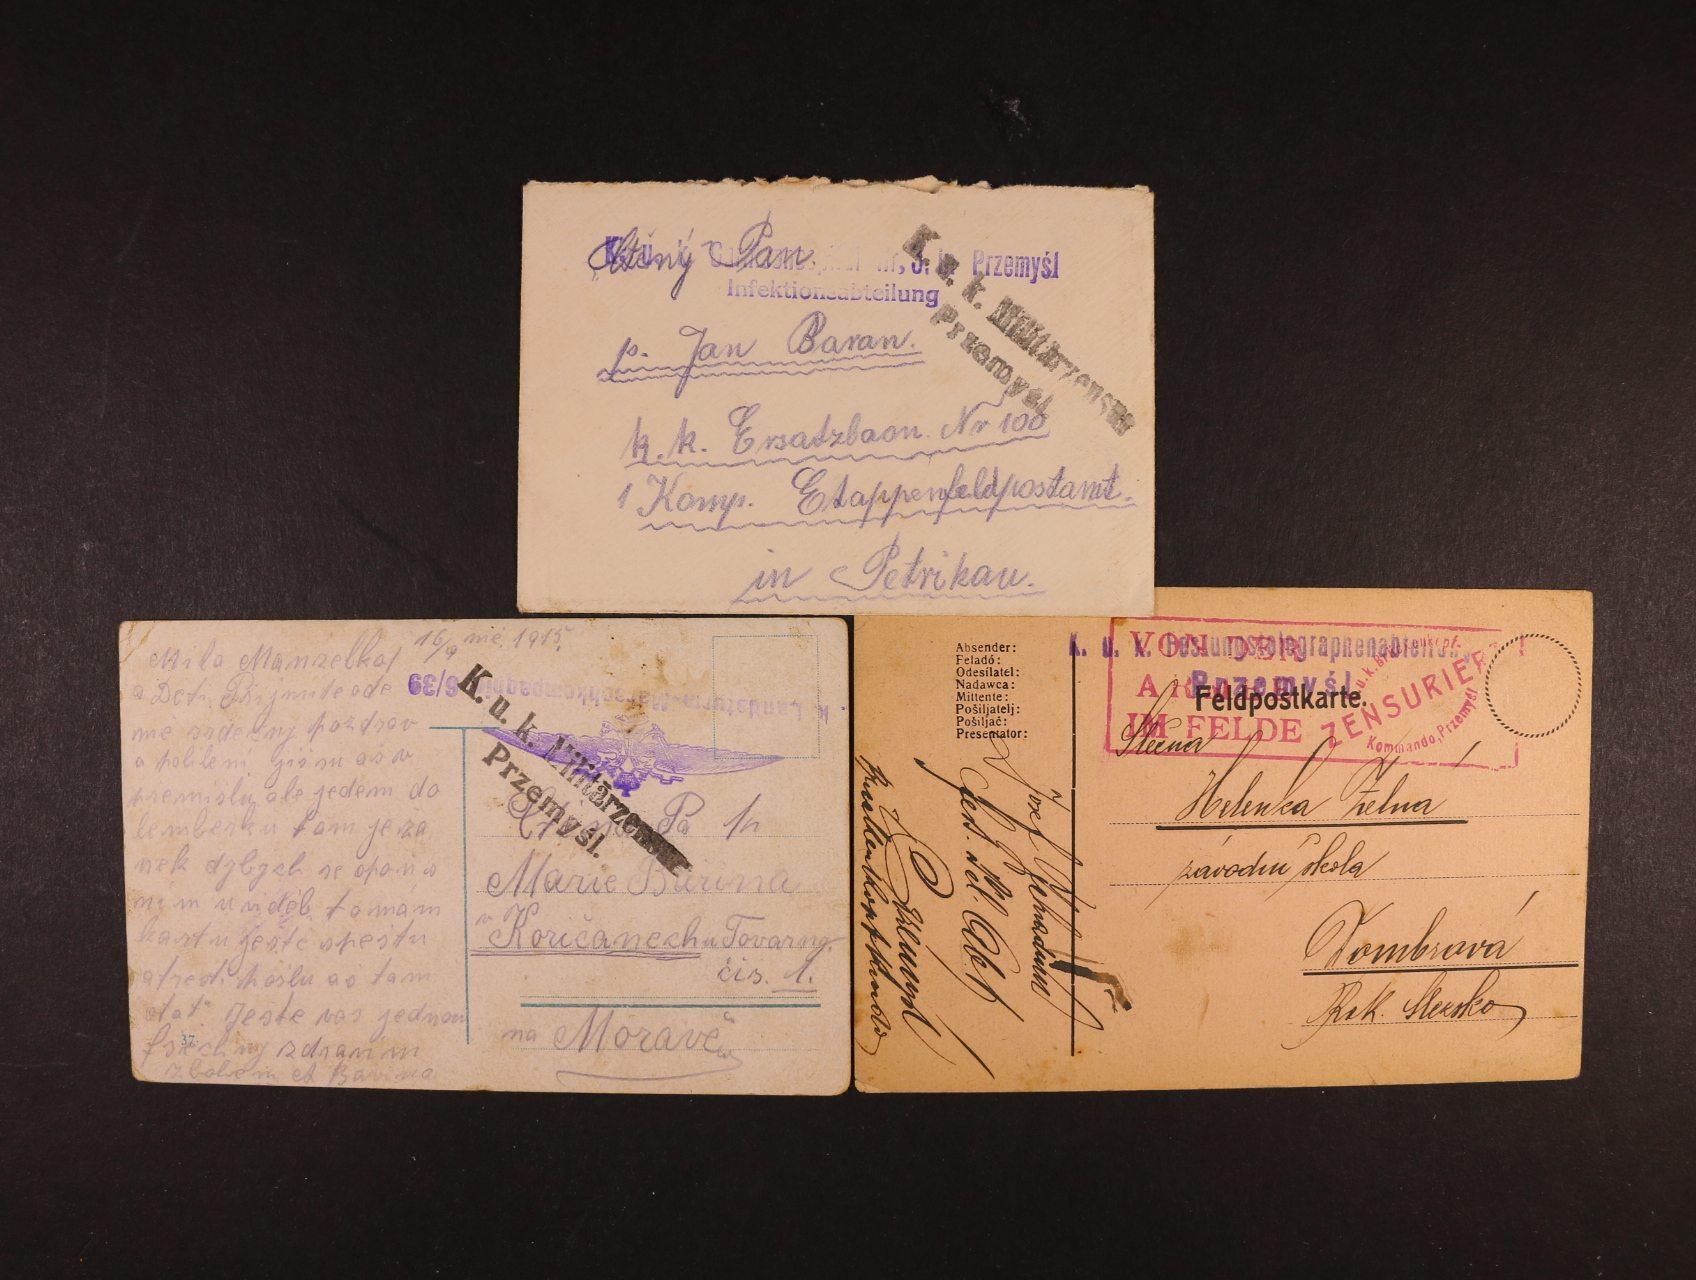 sestava 3 ks celistvostí z let 1915 - 17 s různými útvar. raz. z Přemyšle